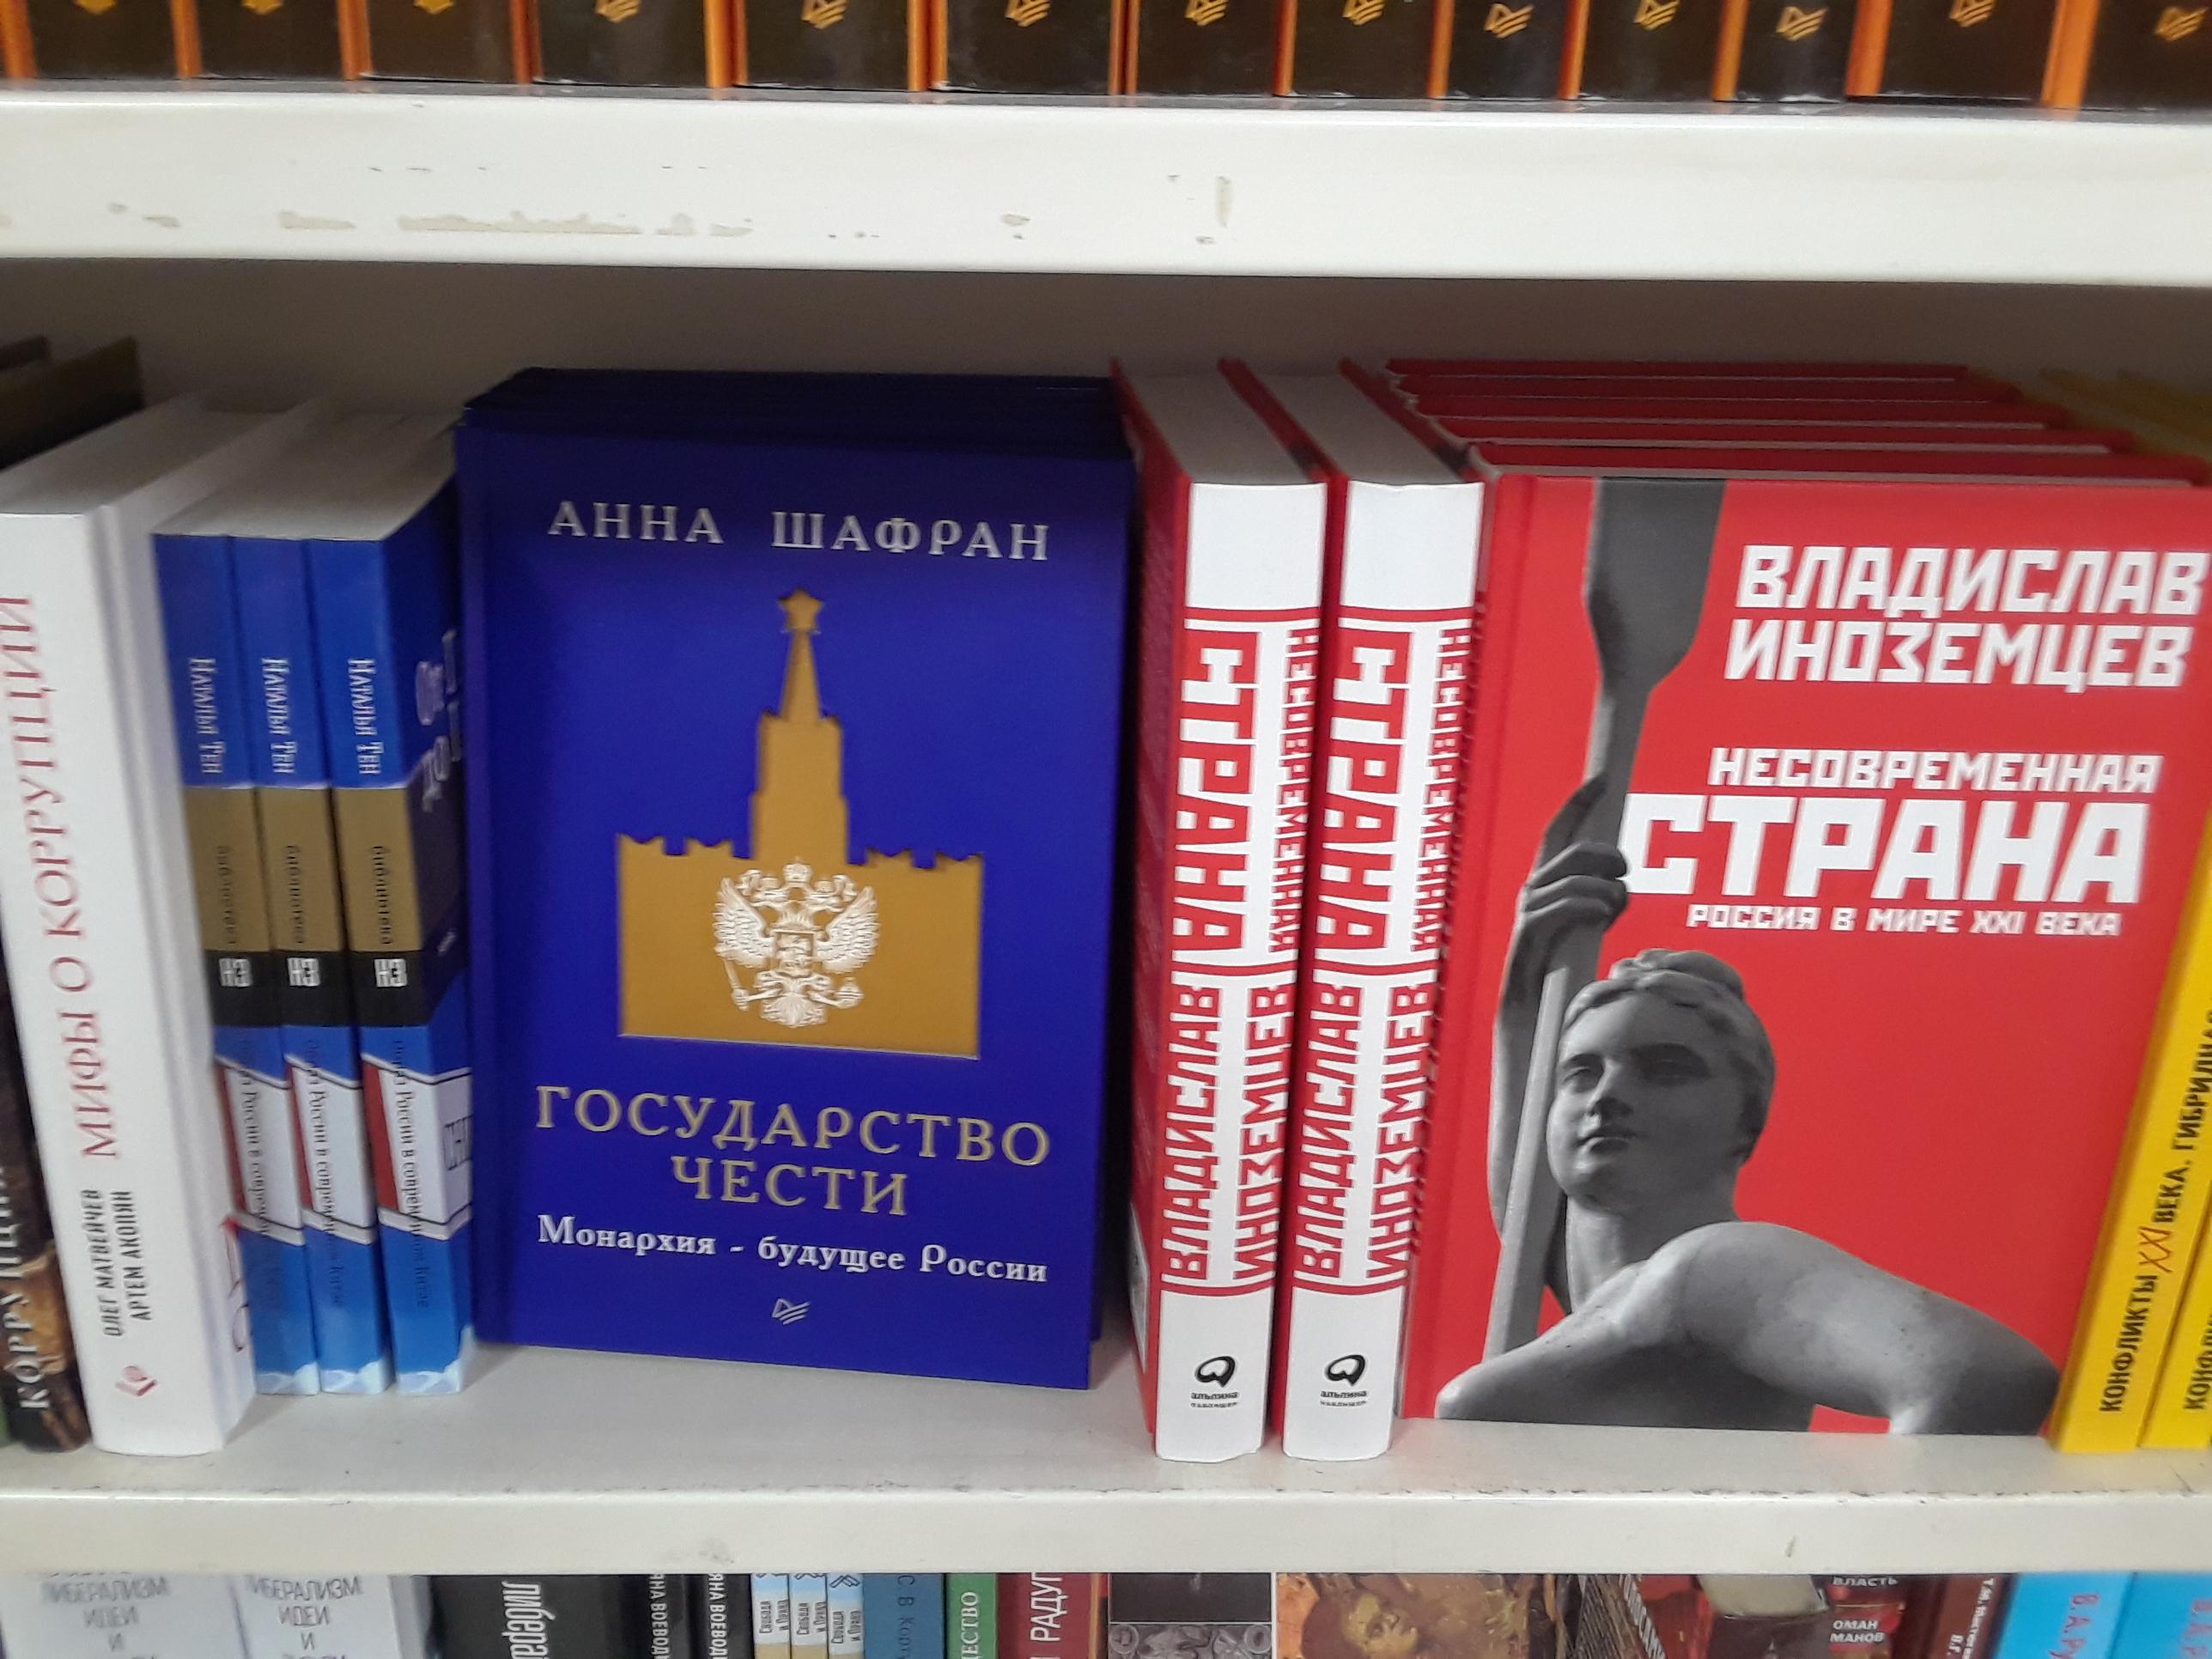 Bookstore politics | IRRUSSIANALITY